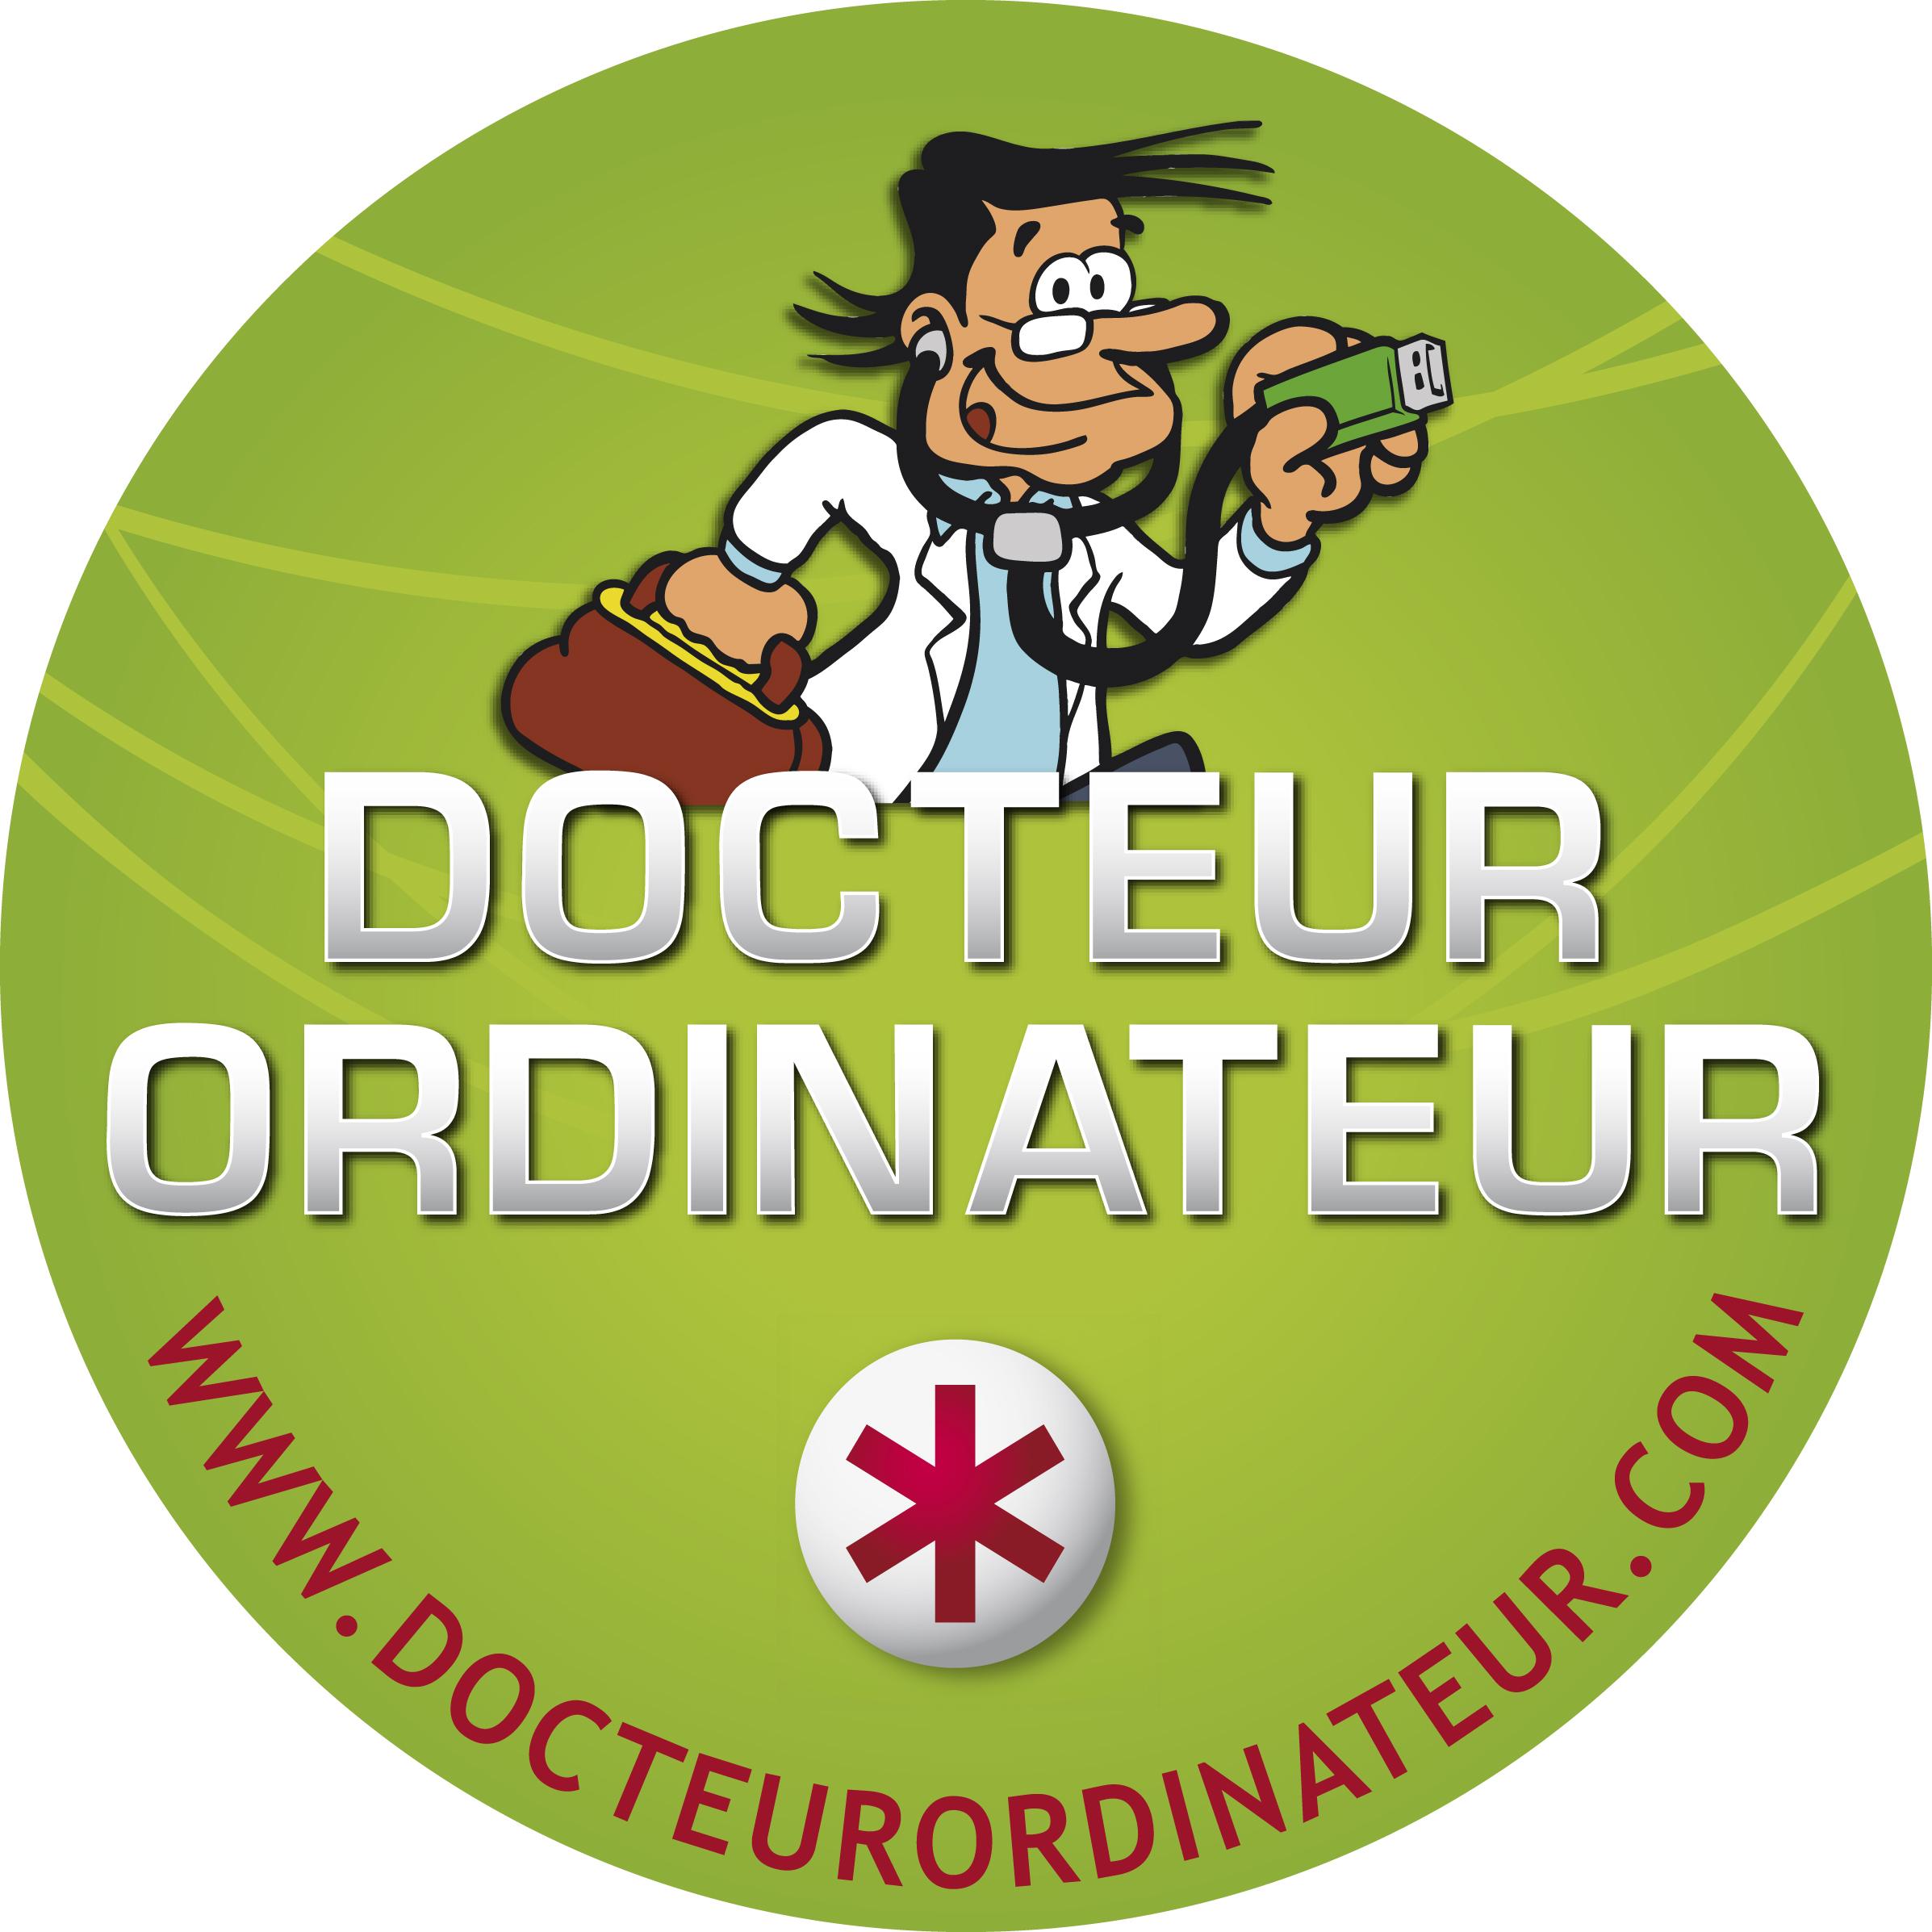 DOCTEUR ORDINATEUR